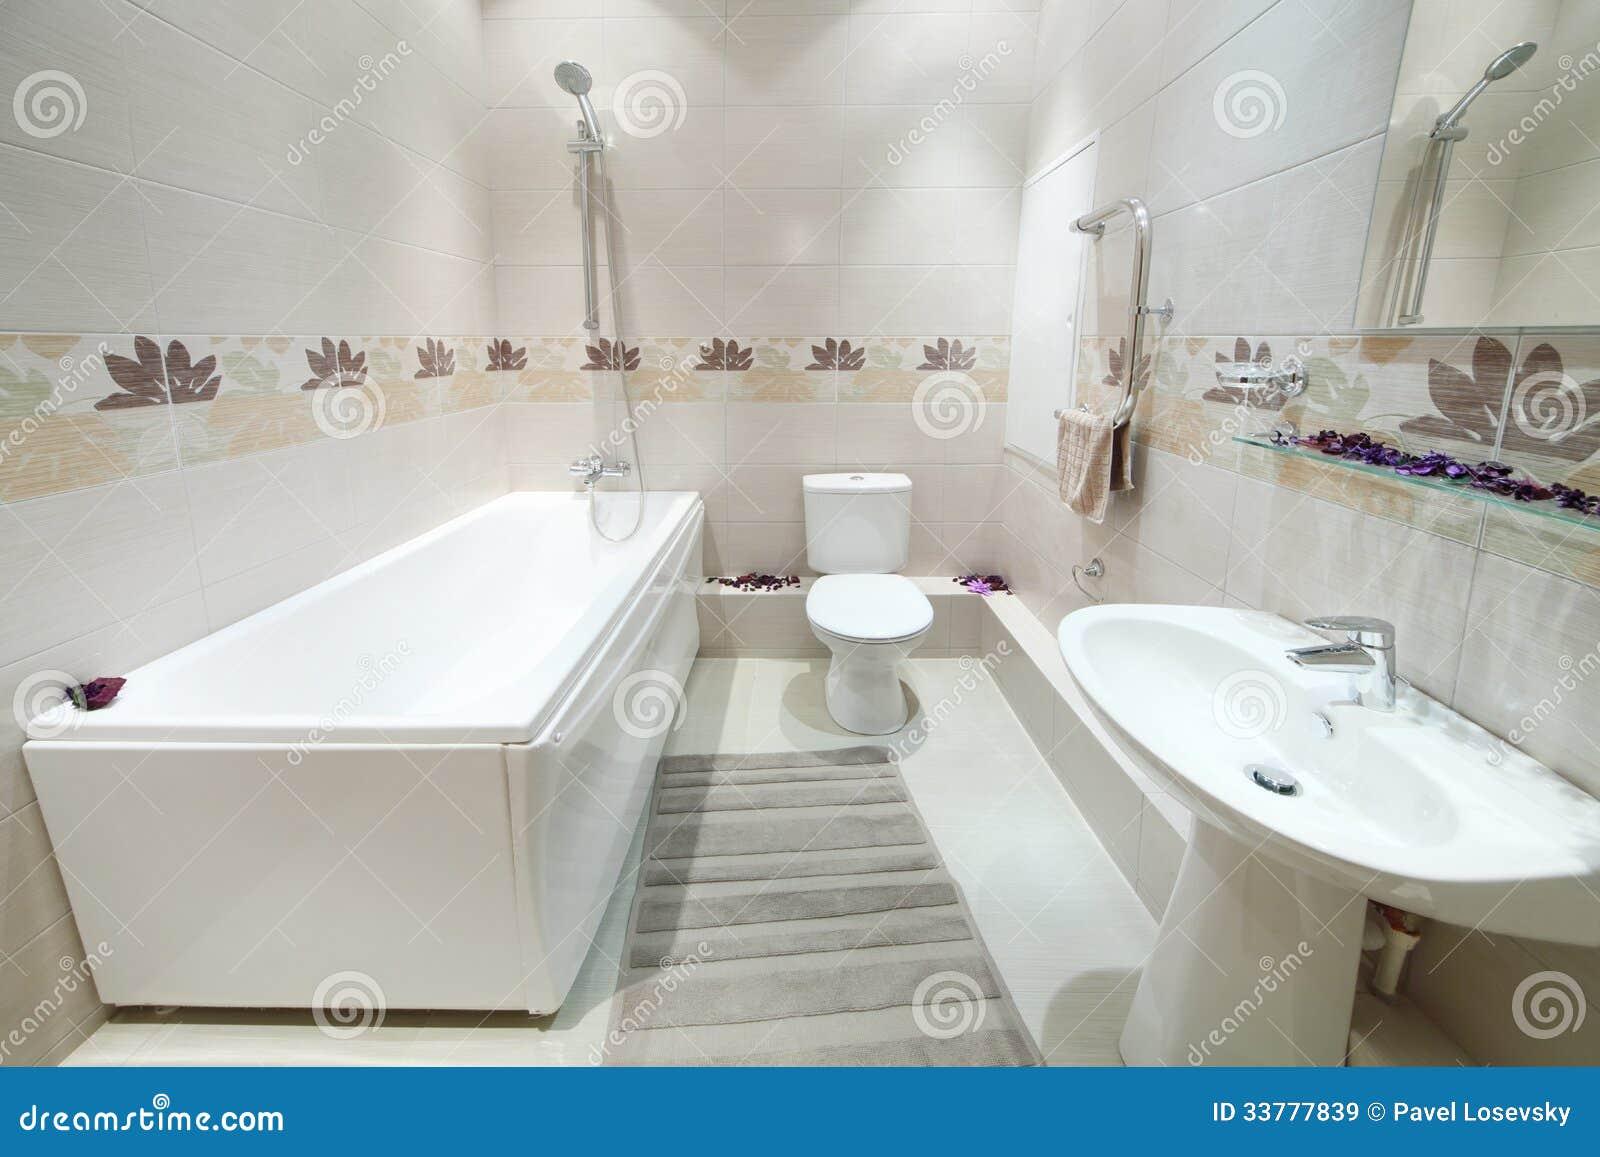 Badrum nytt badrum : Rent Och Nytt Badrum Med Toaletten Med Tegelplattor På Väggar ...